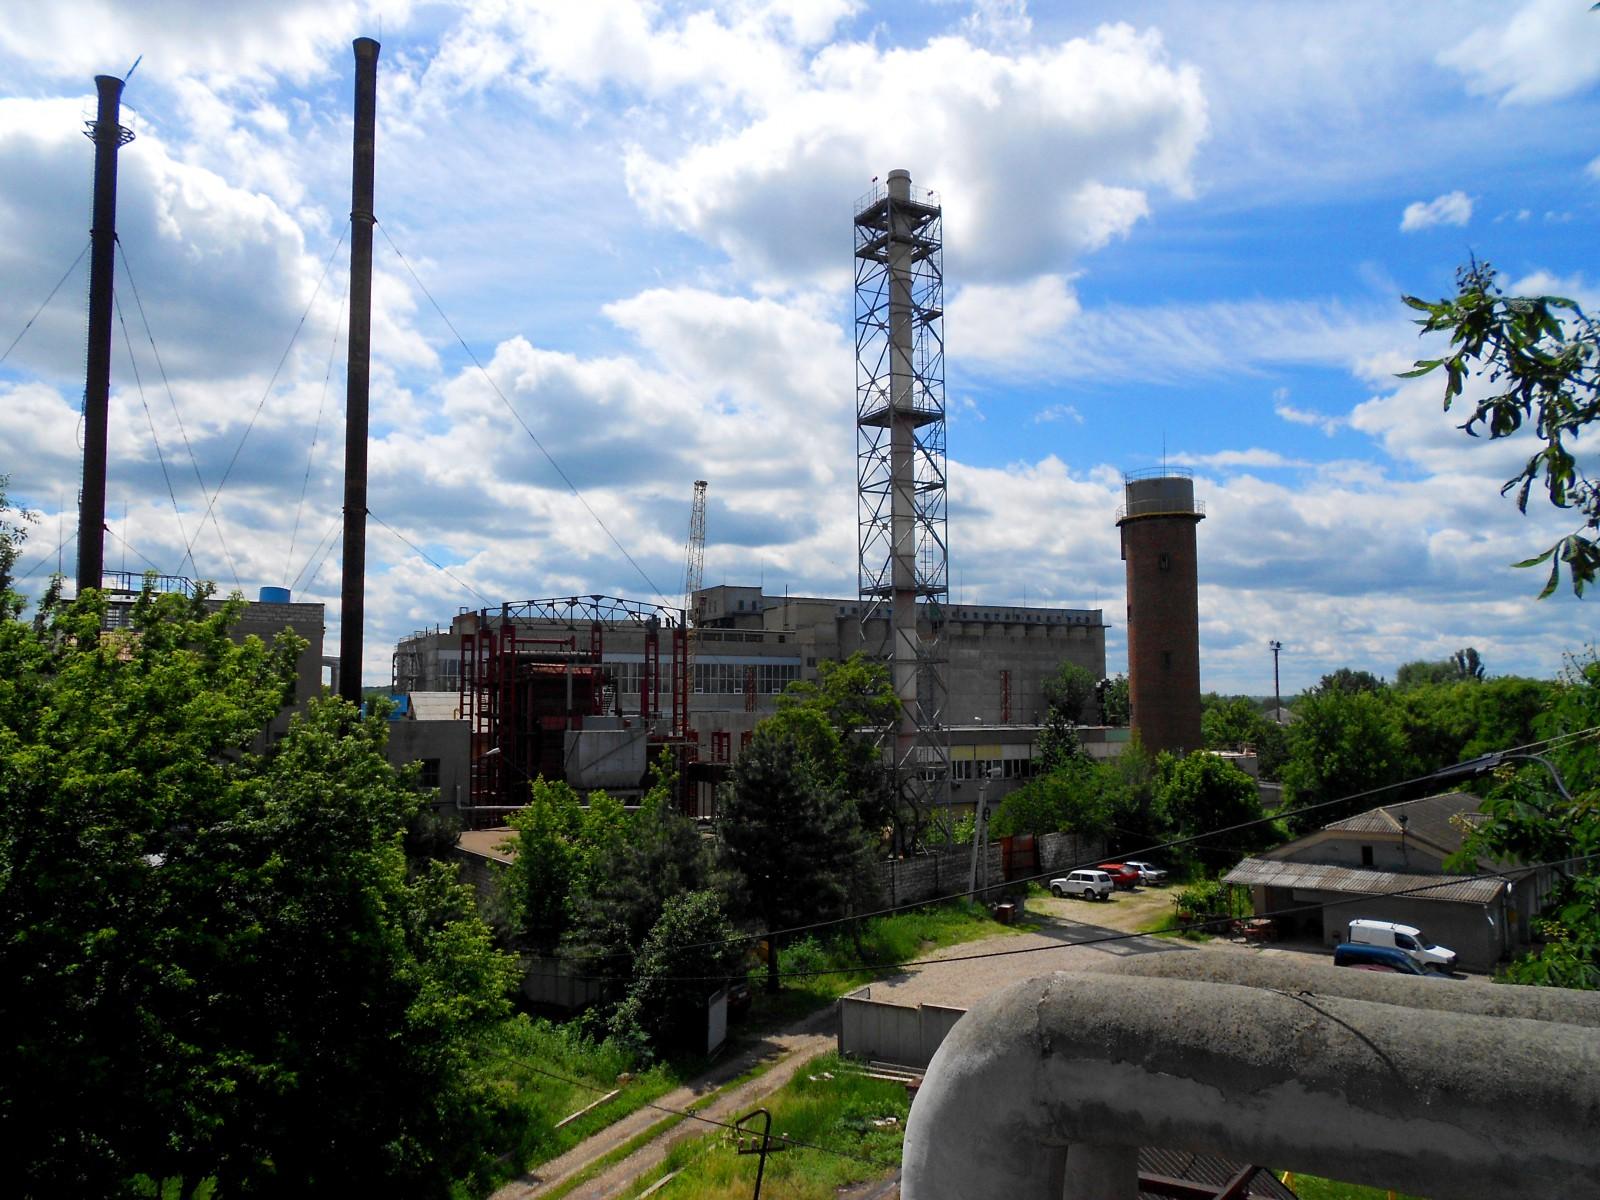 Mold-street: Conflict de interese la cea mai mare fabrică de ulei